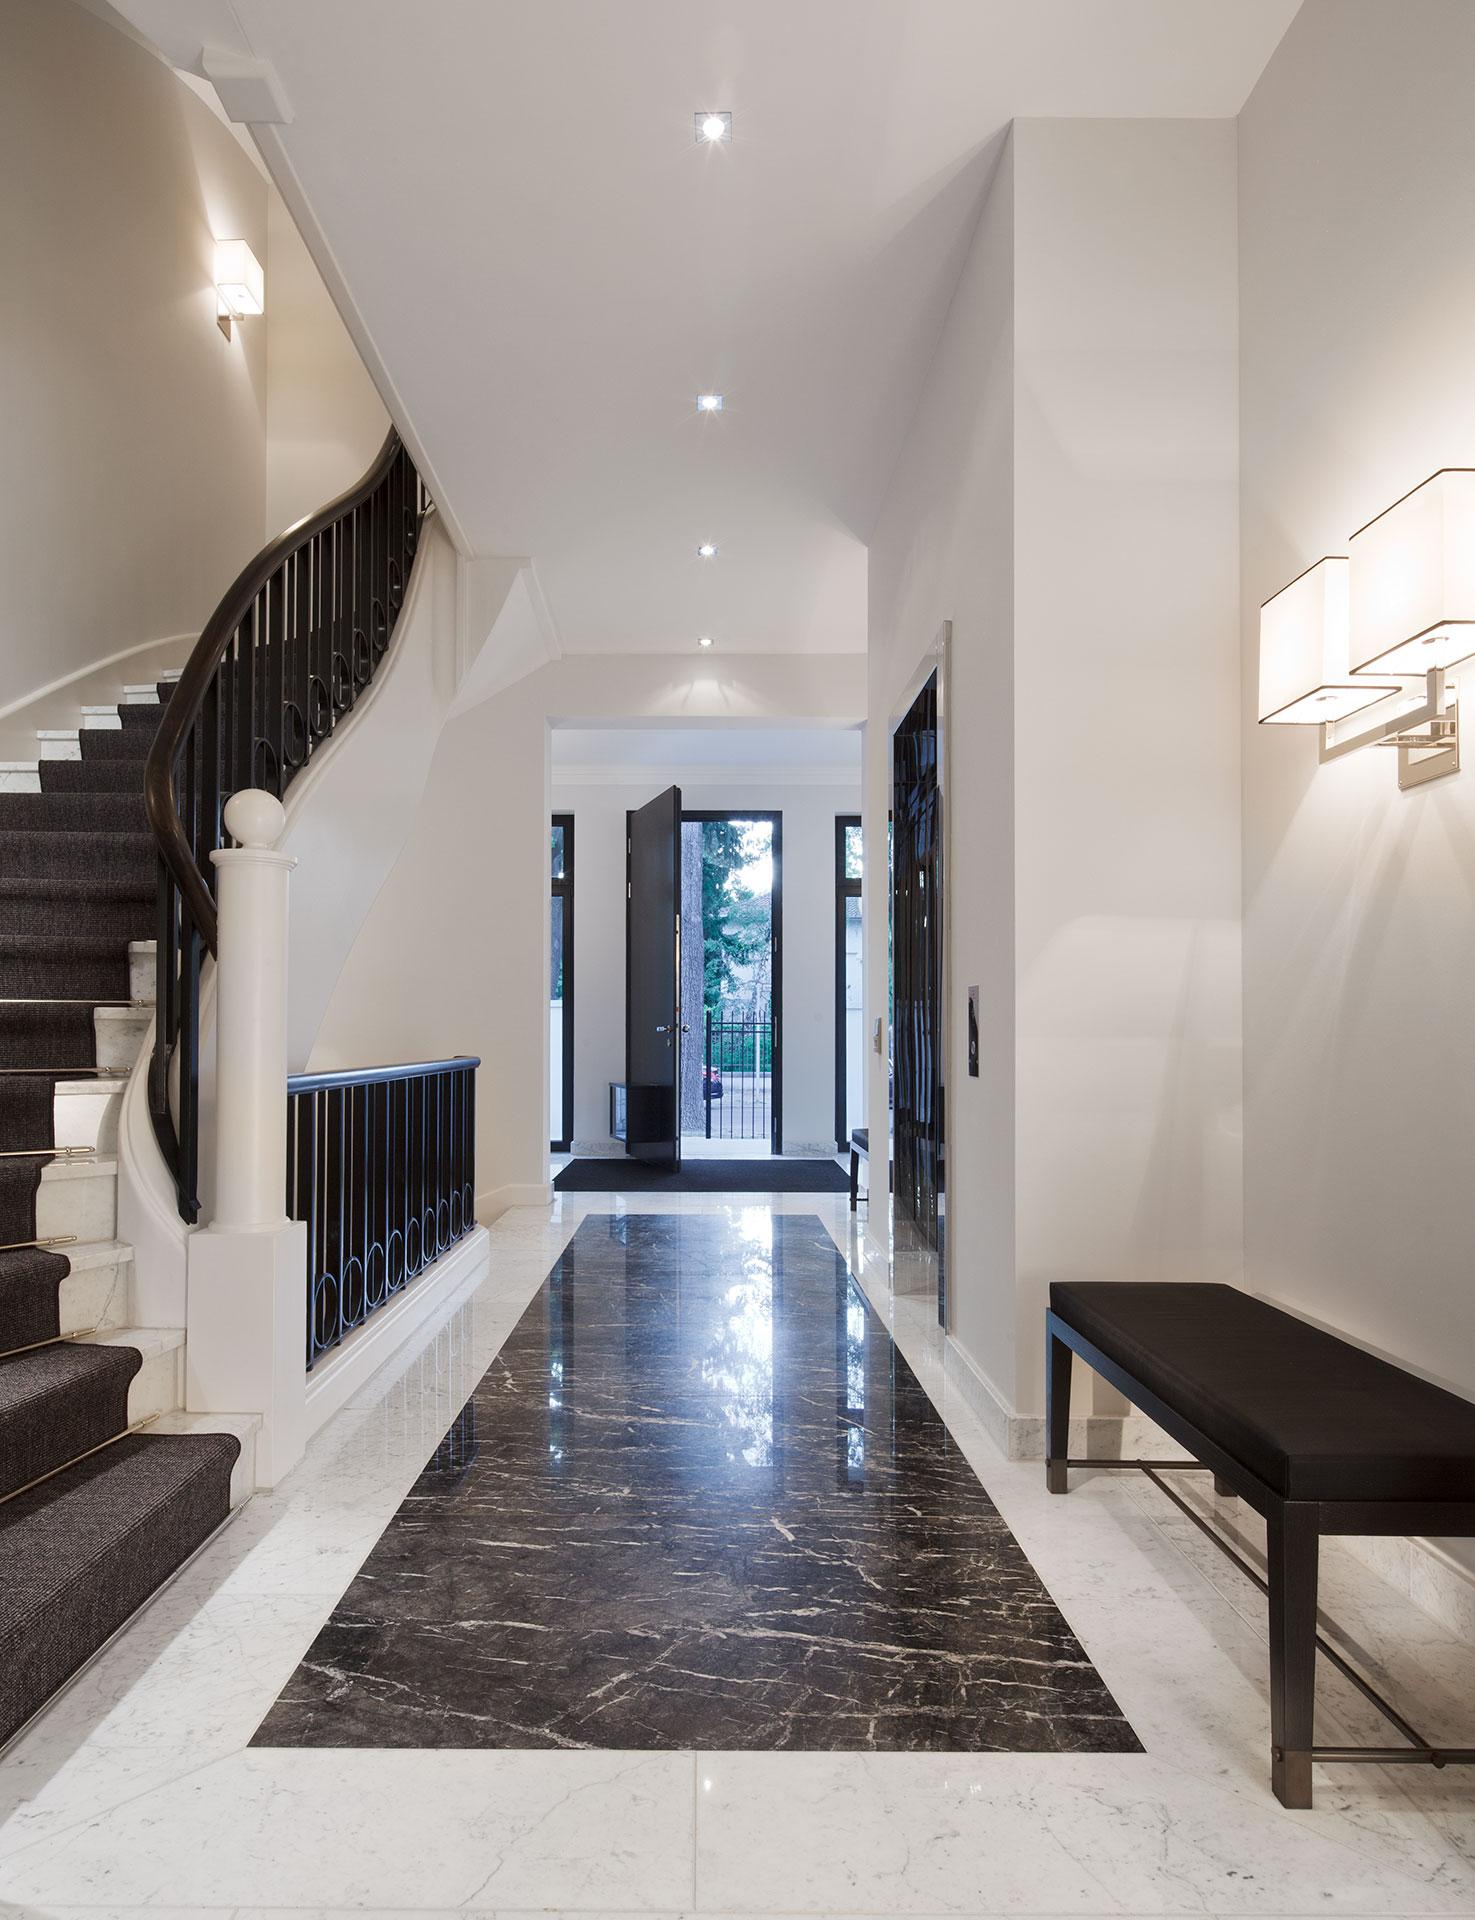 Innenausstattung Treppenhaus Eingangshalle mit Marmorboden